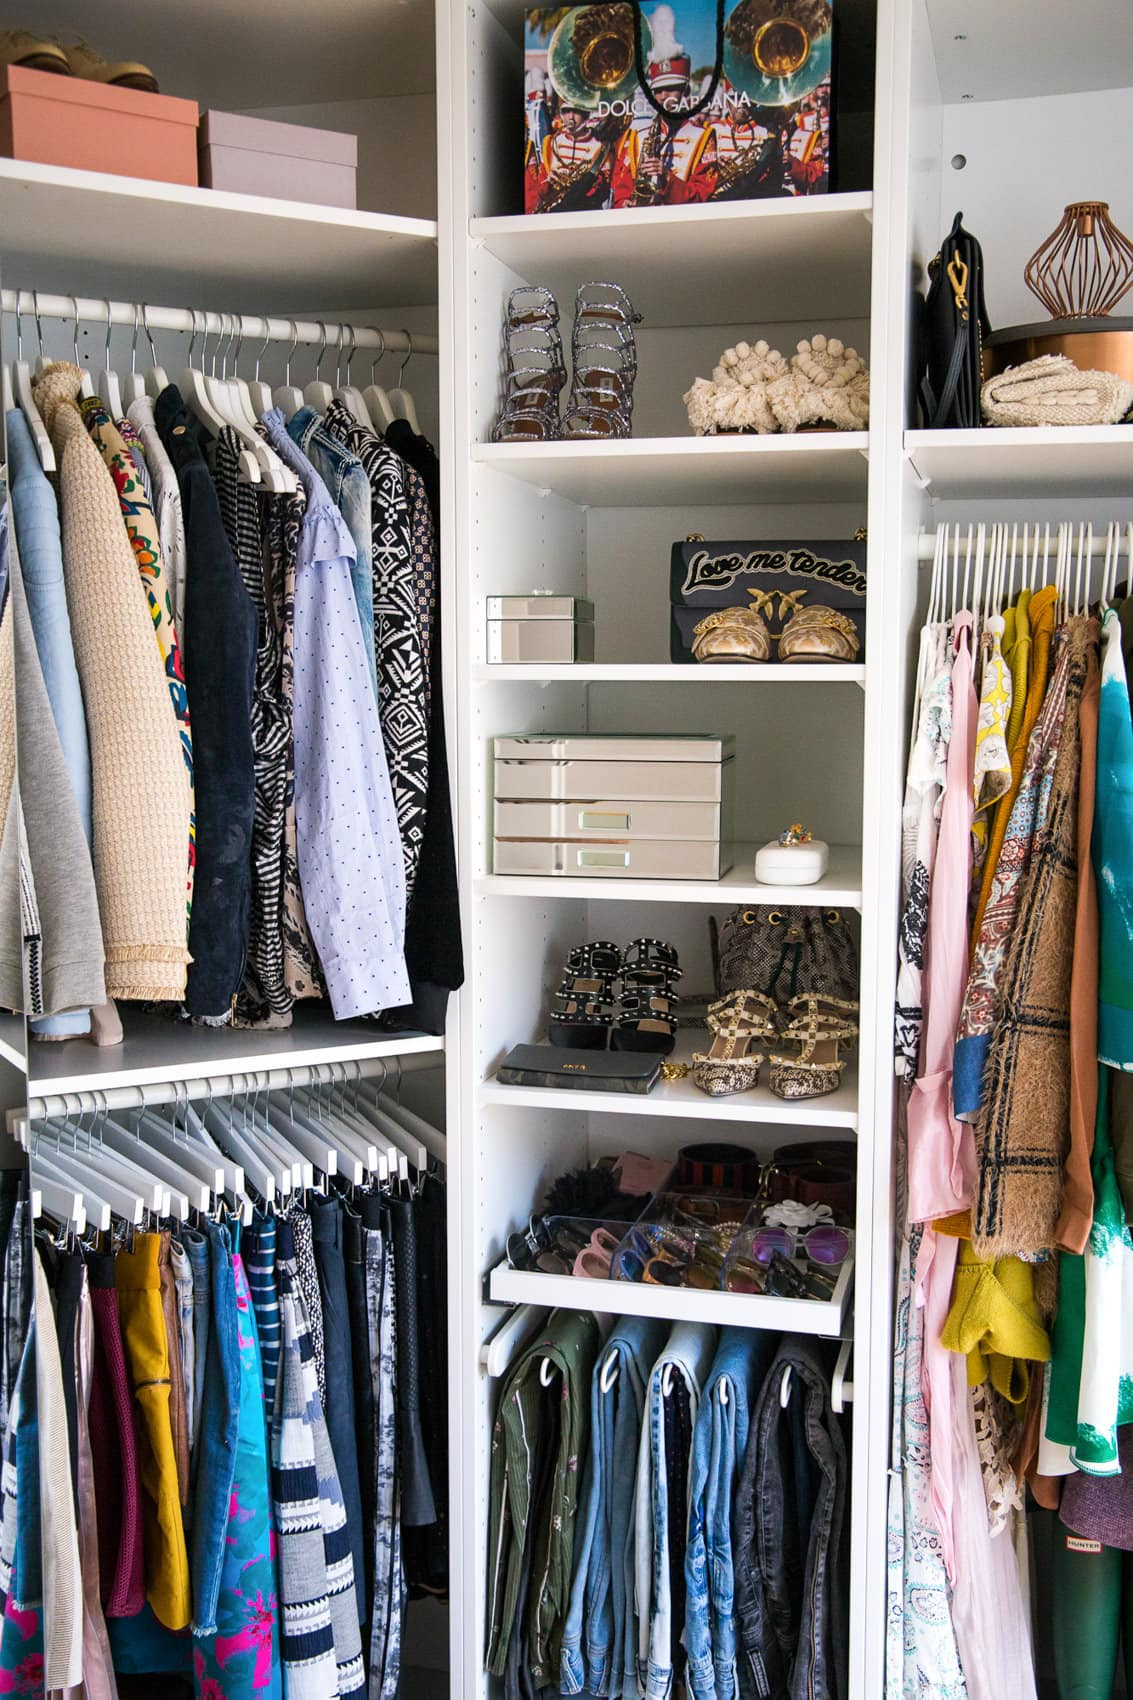 Arbeitszimmer & Ankleidezimmer - Arbeitsplatz als Vollzeit-Blogger